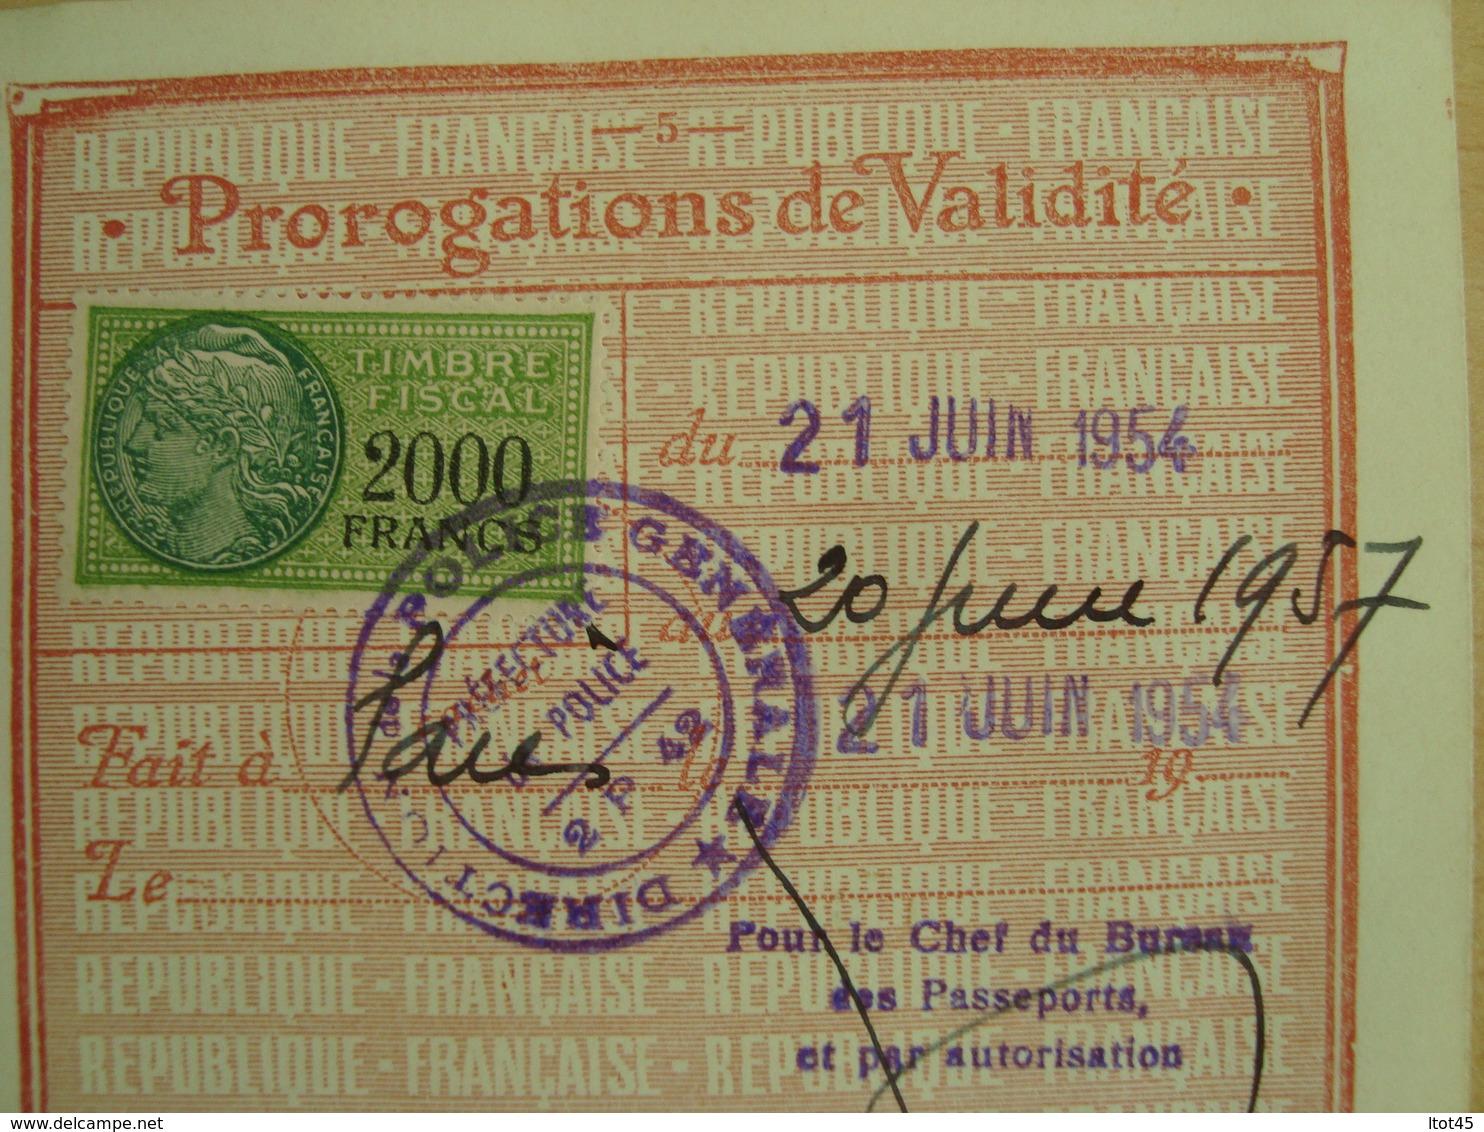 TIMBRE FISCAL DE 2000 FRANCS 1954 - Fiscale Zegels